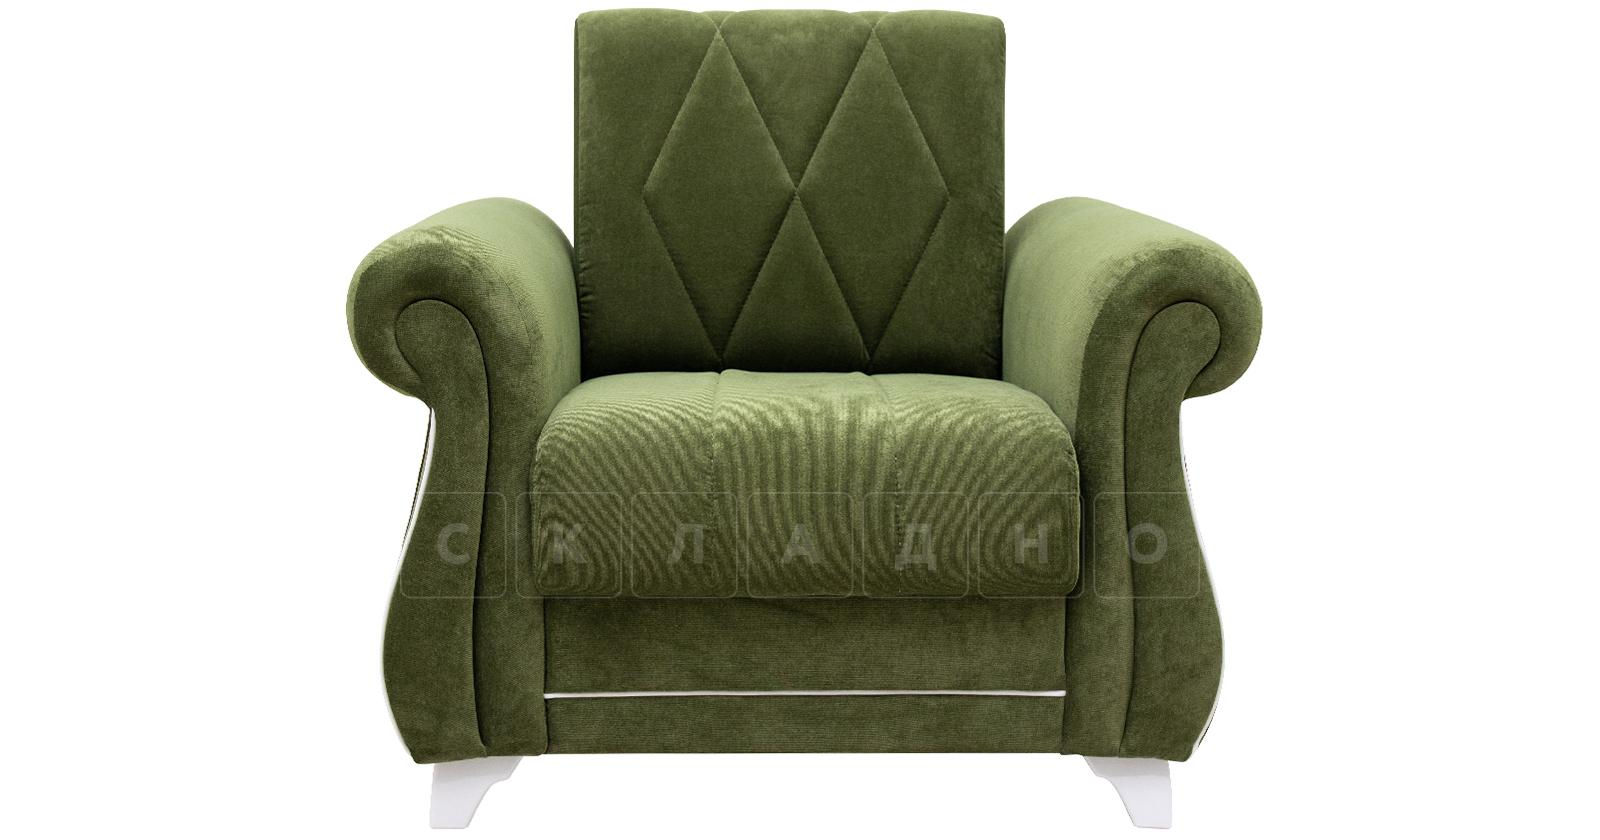 Кресло для отдыха Роза оливковый фото 2 | интернет-магазин Складно